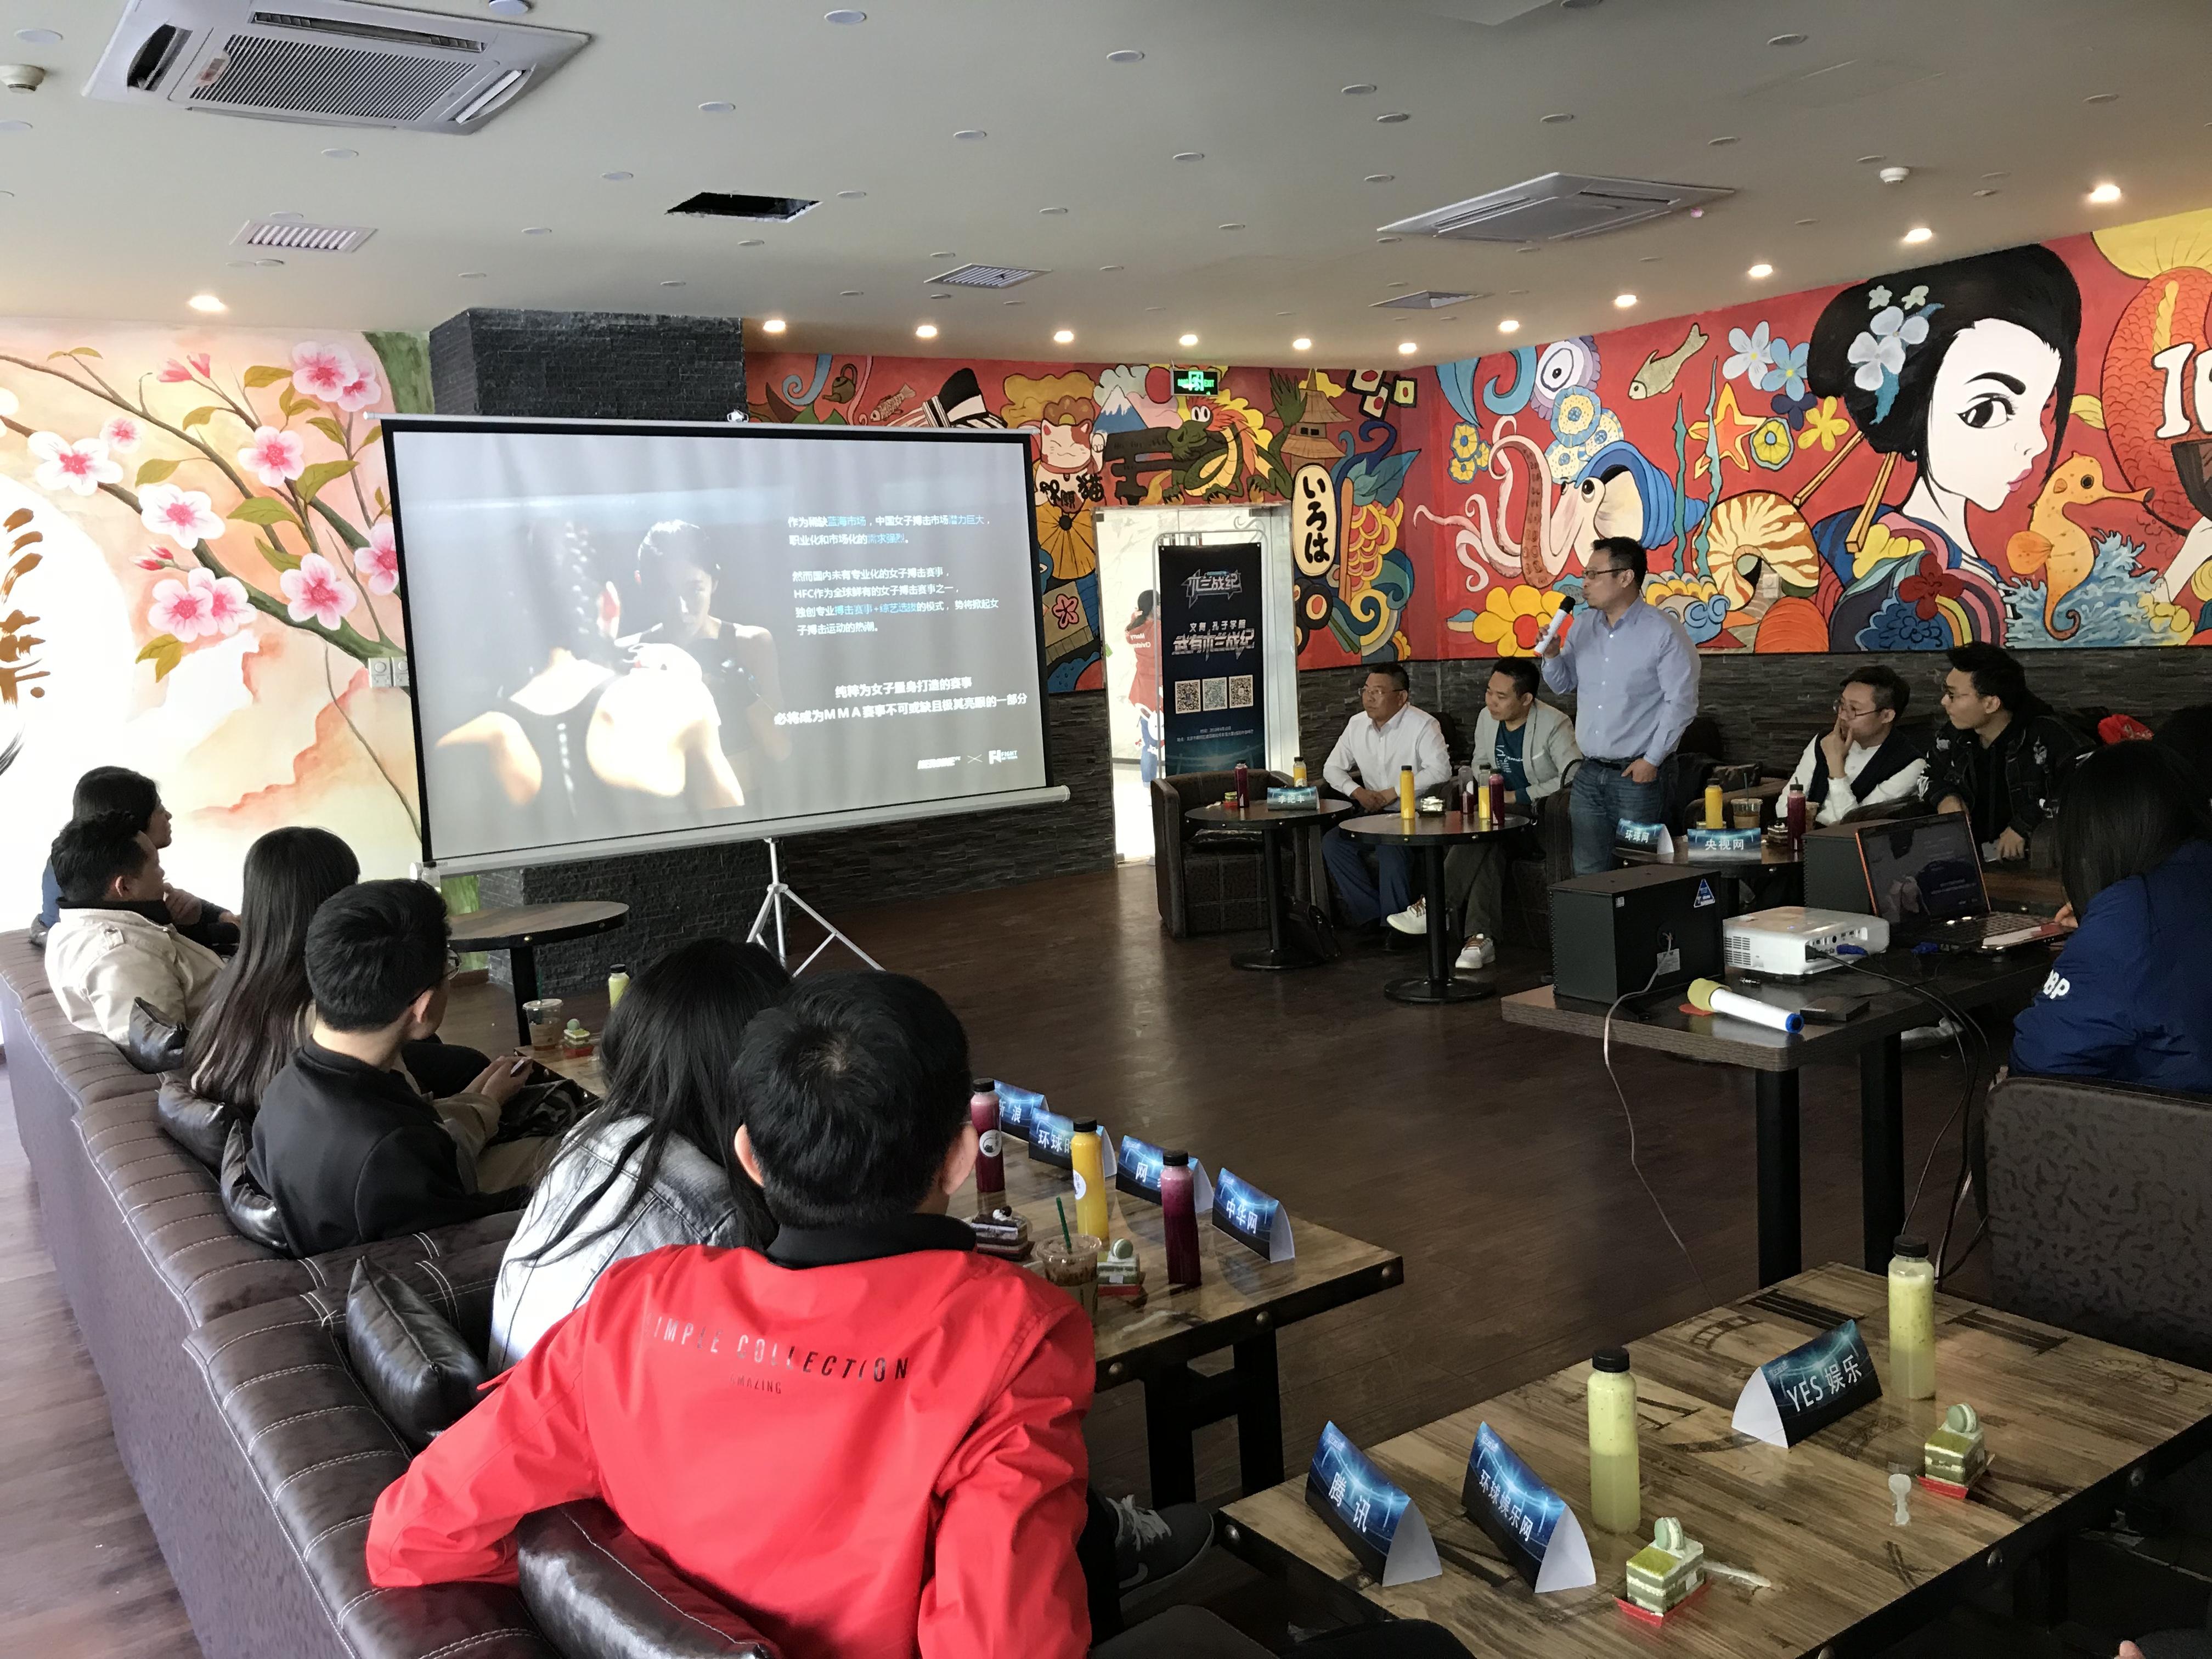 木兰战纪HFC即将通过海外卫视播出 向世界展示中国女性的力量